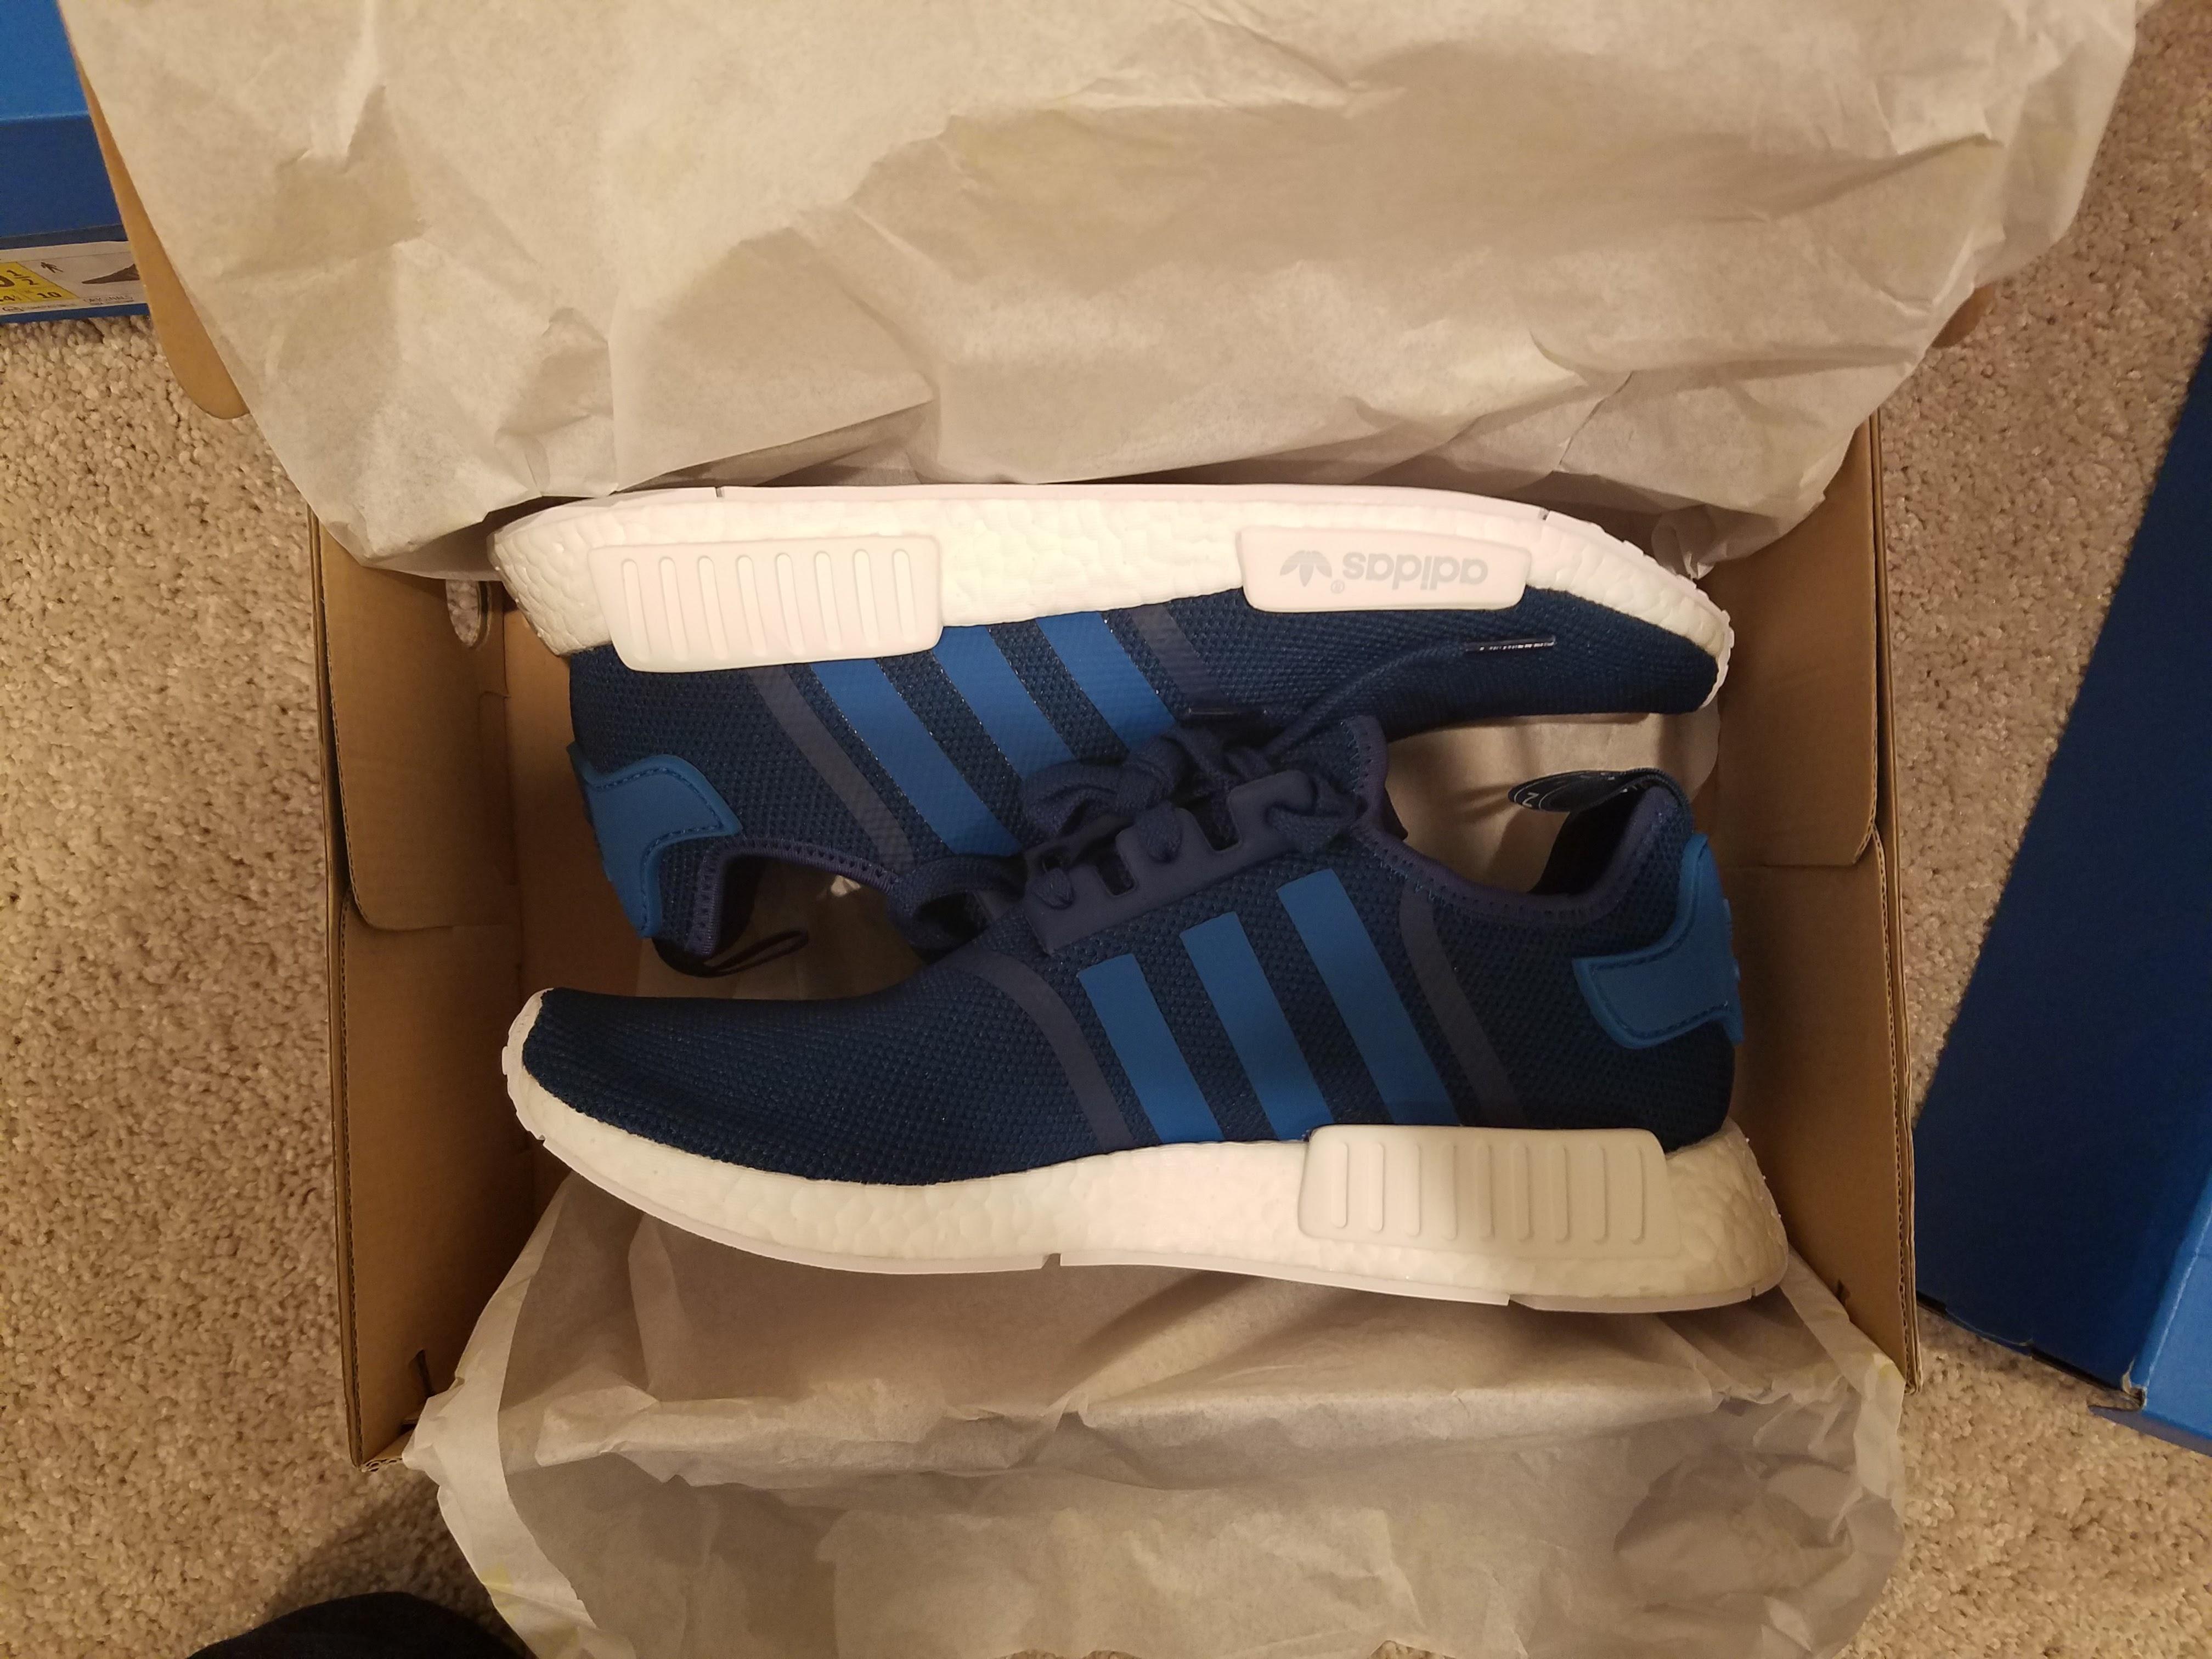 b6b8804ae Adidas Adidas Nmd R1 Mesh S31502 (tech Steel uni Blue white) Men s Shoes Sz  10.5